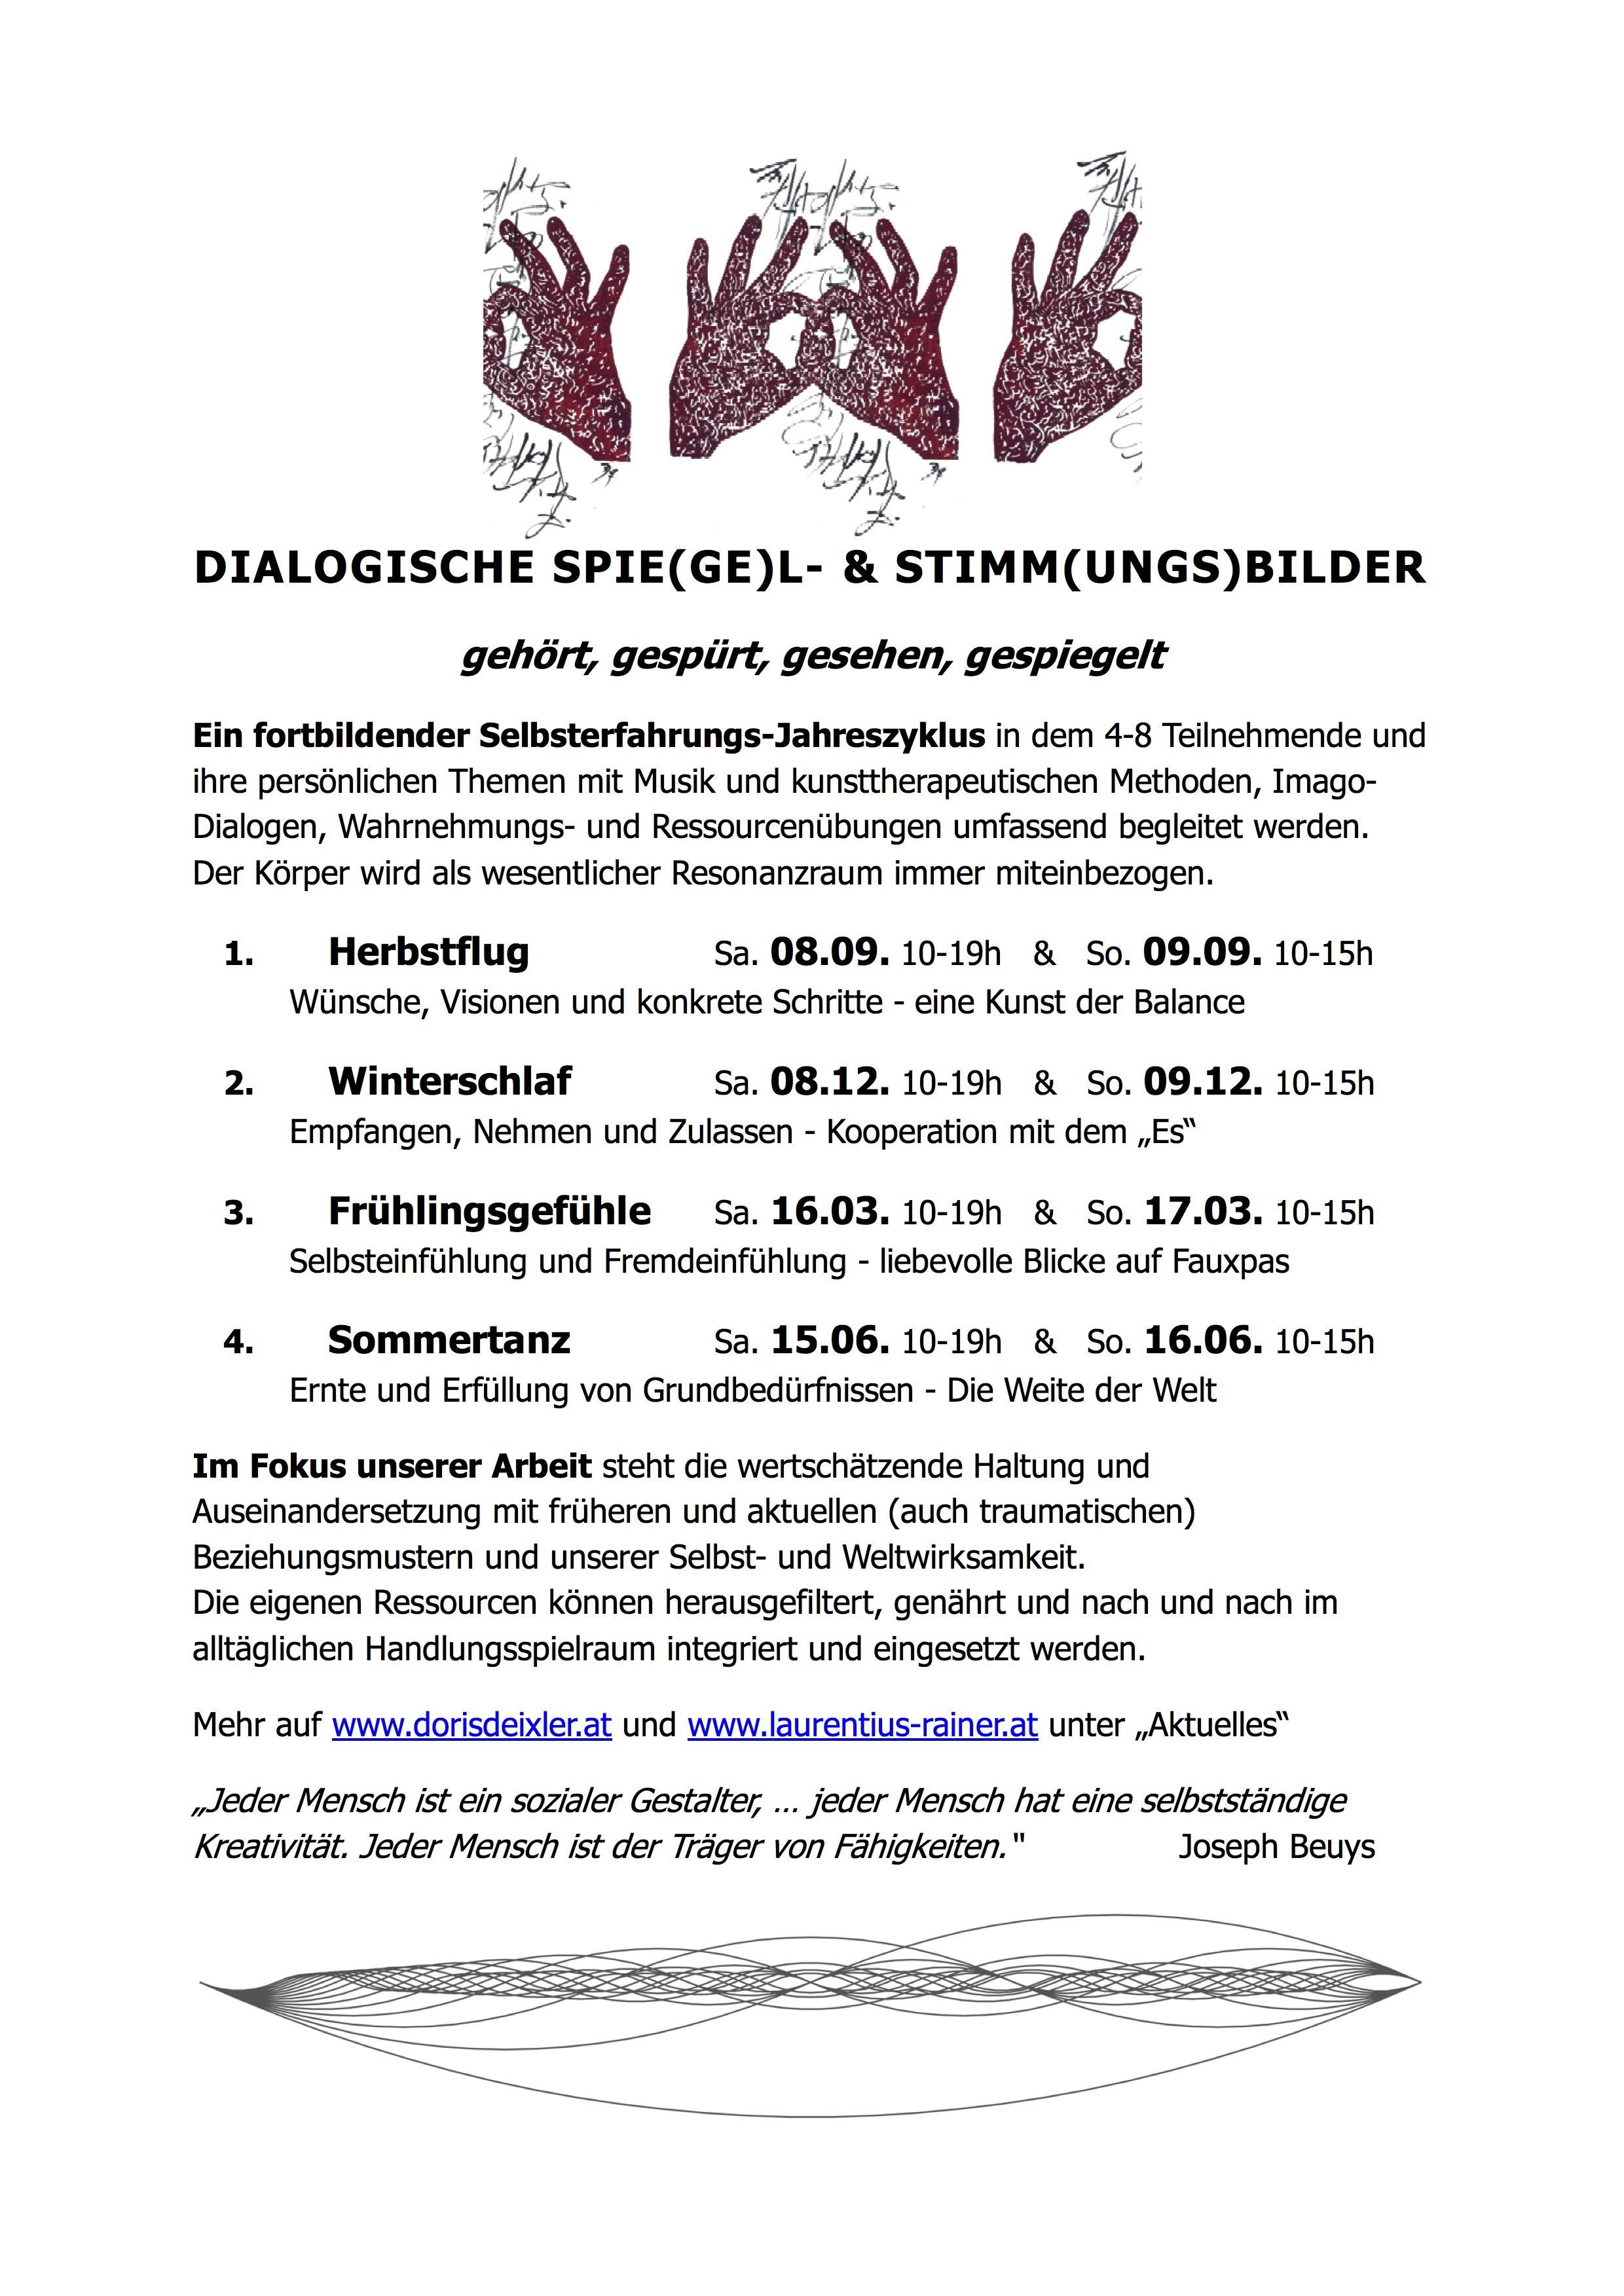 Dialogische Spie(ge)l- & Stimm(ungs)bilder 2018/19